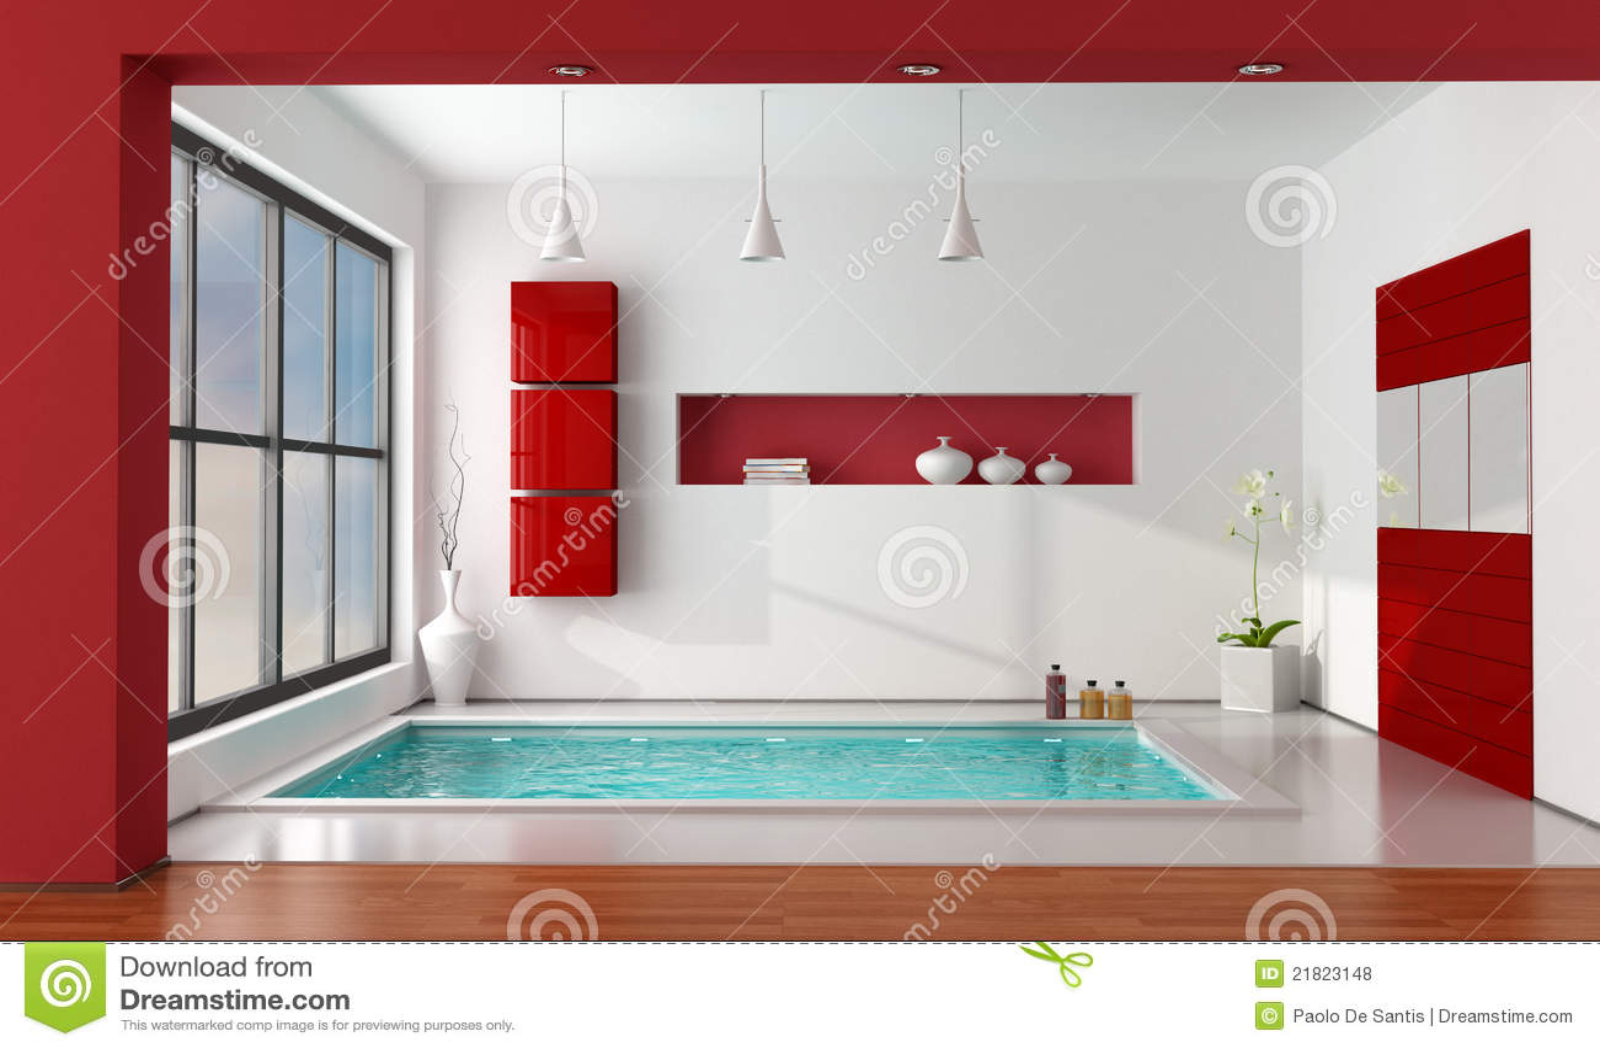 salle de bains de luxe rouge et blanche photos libres de droits image 21823148. Black Bedroom Furniture Sets. Home Design Ideas